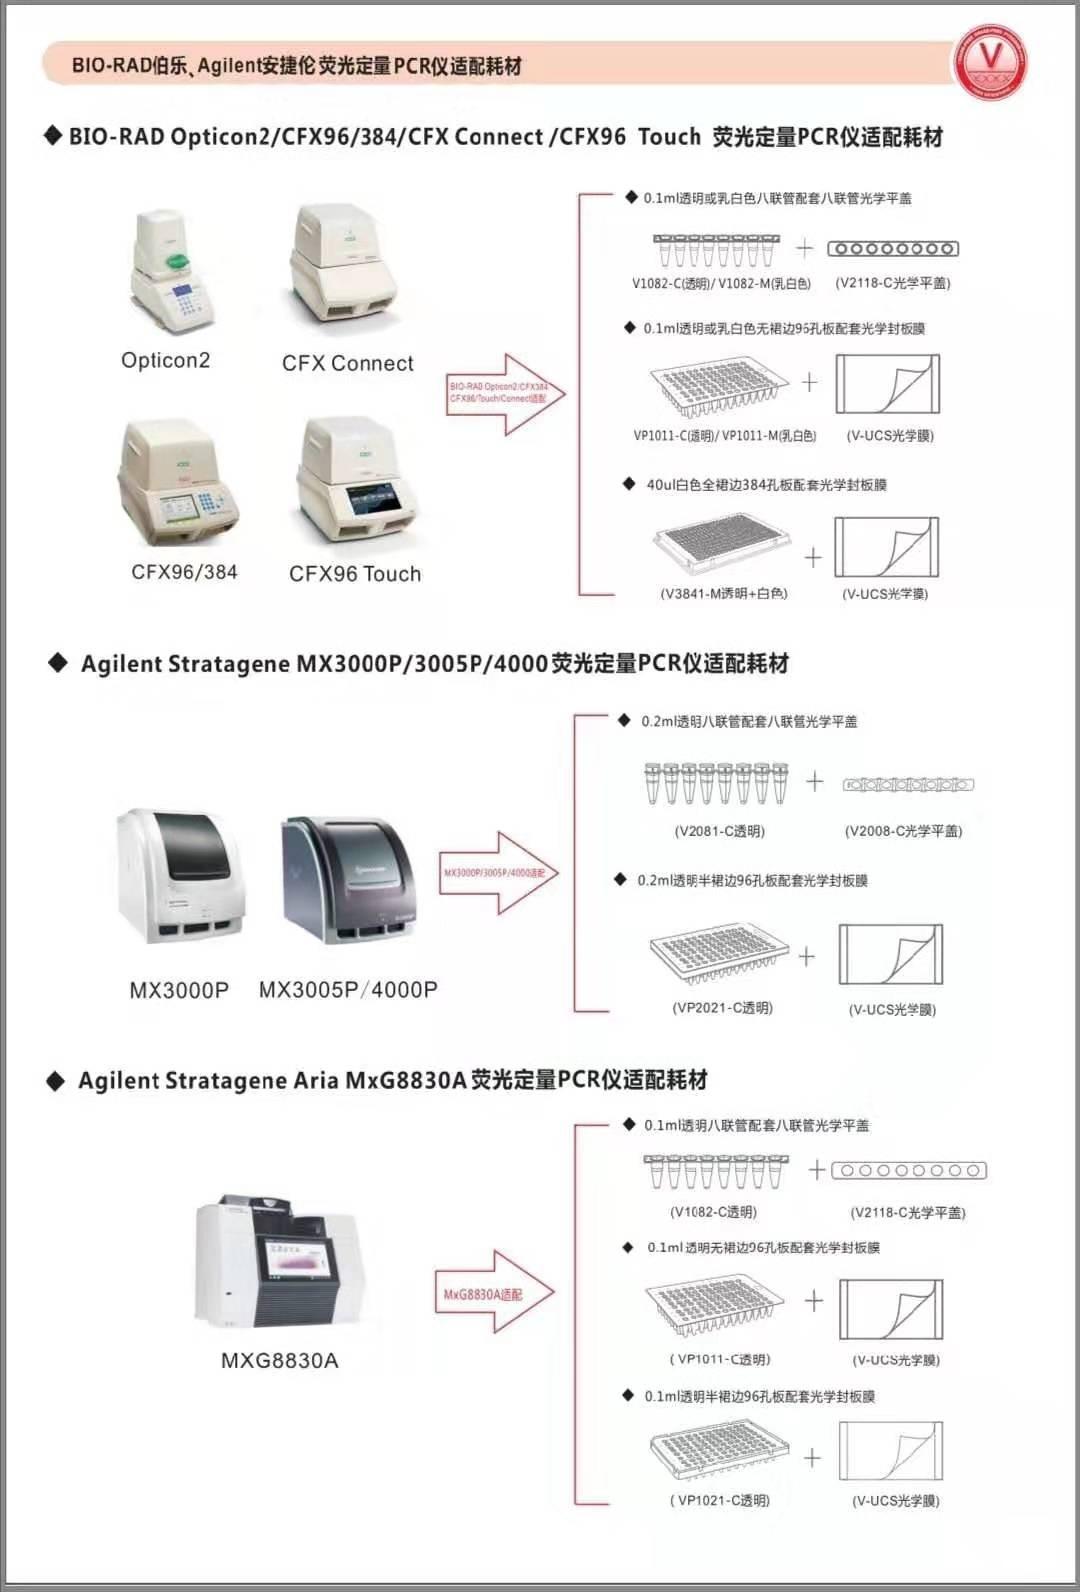 PCR仪适配耗材 8联管